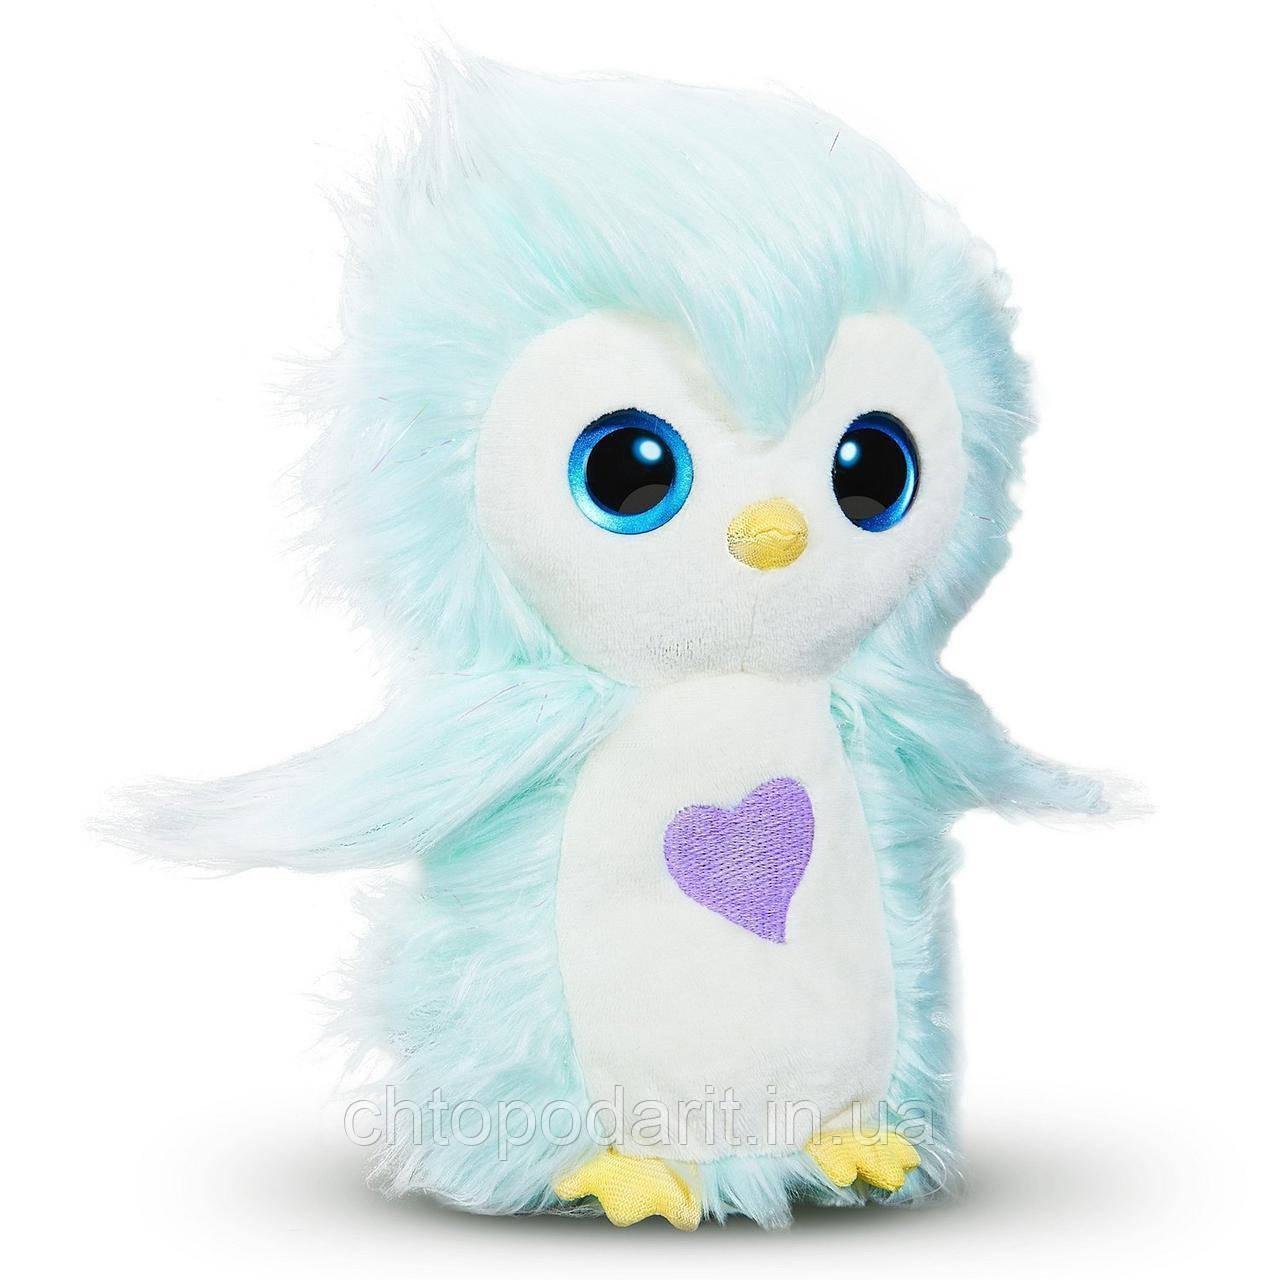 Пушистик потеряшка «Снежные друзья» игрушка сюрприз Scruff A Luvs Snow Pals Код 12-2297